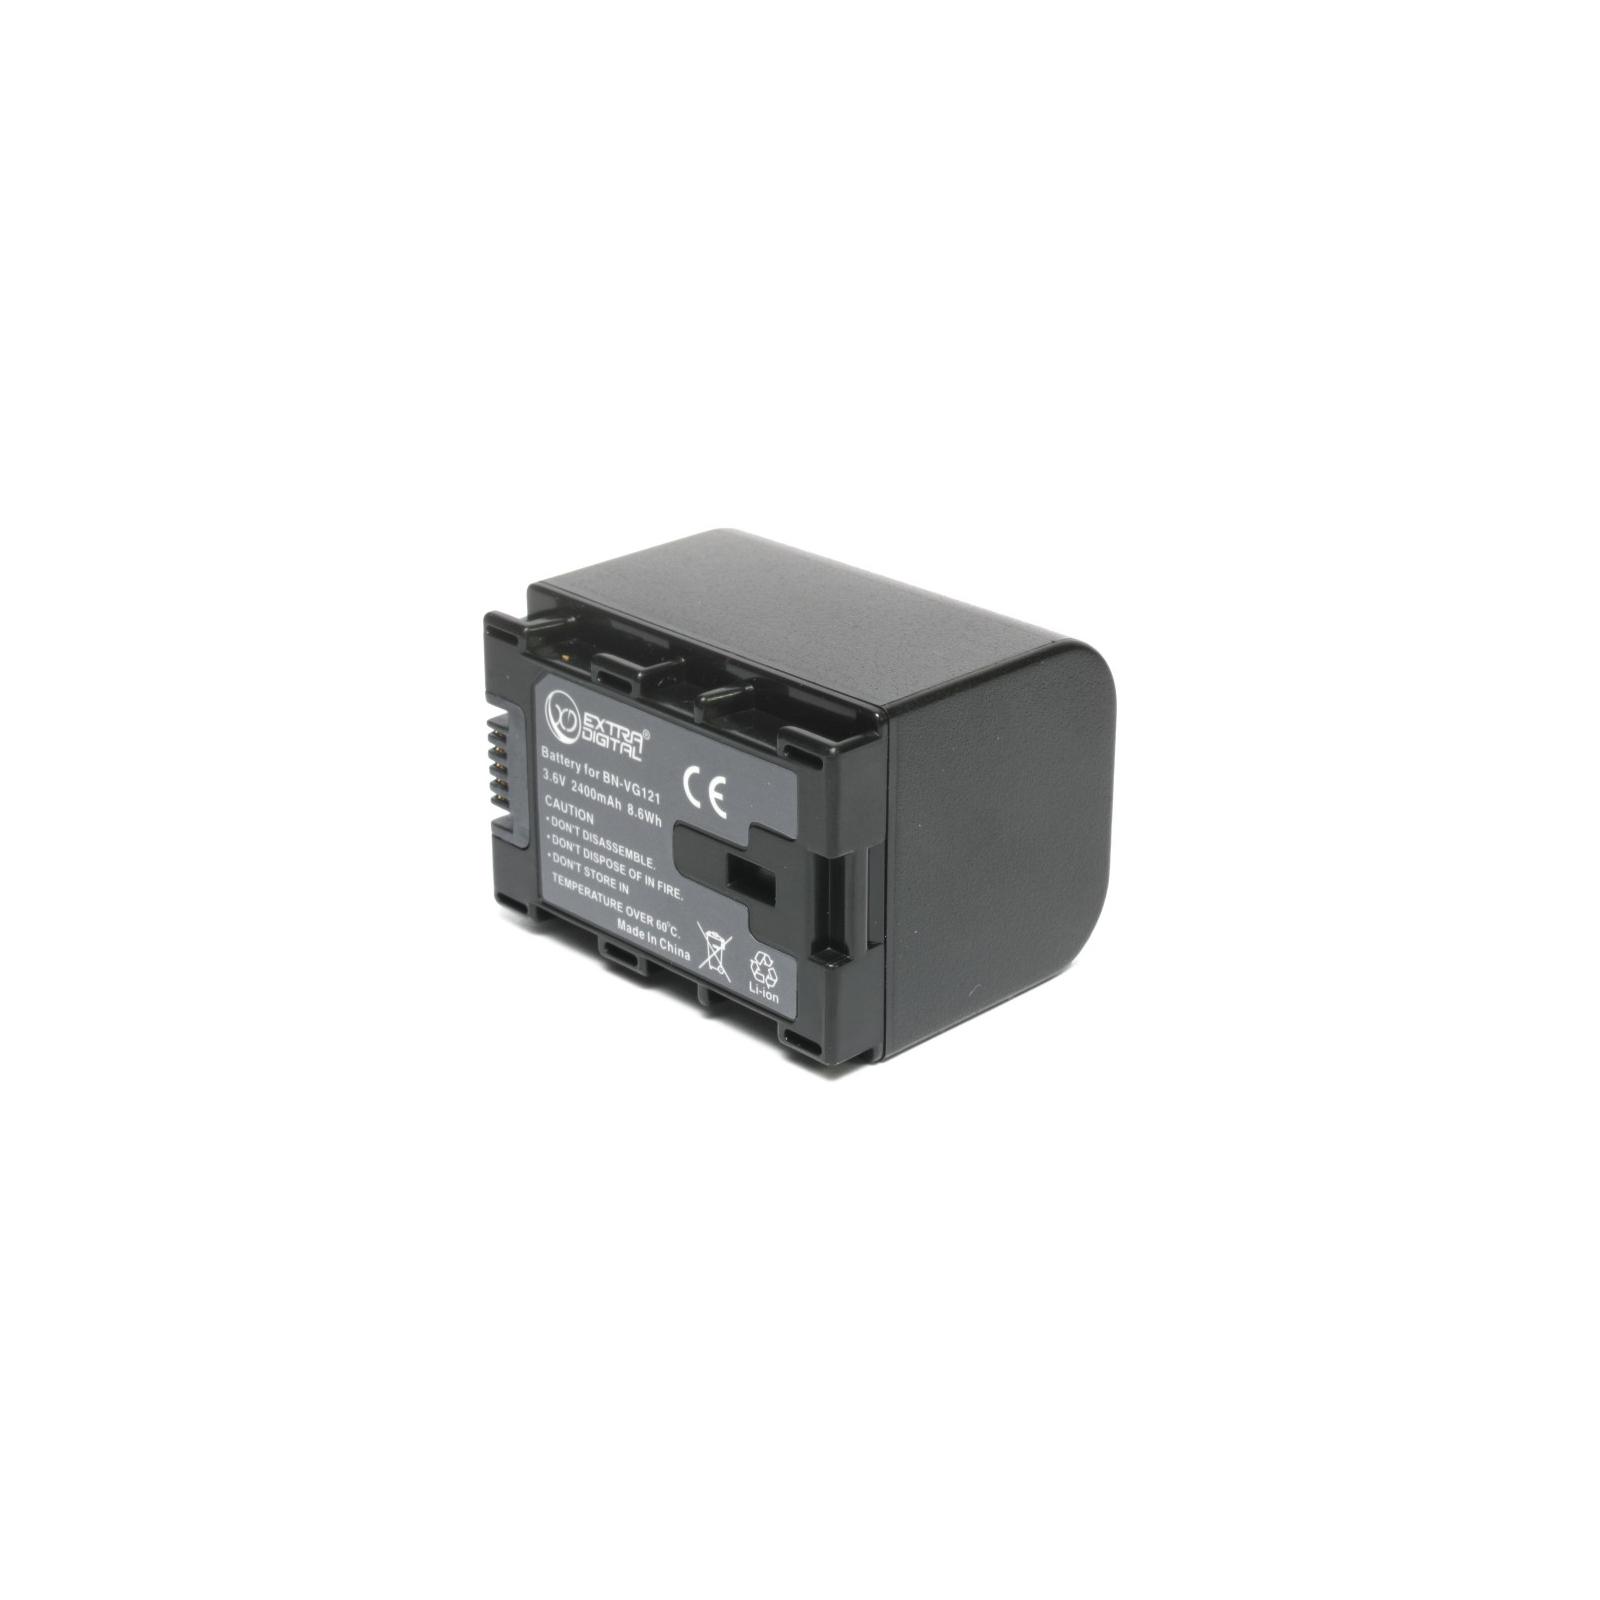 Аккумулятор к фото/видео EXTRADIGITAL JVC BN-VG121 (chip) (BDJ1311) изображение 2